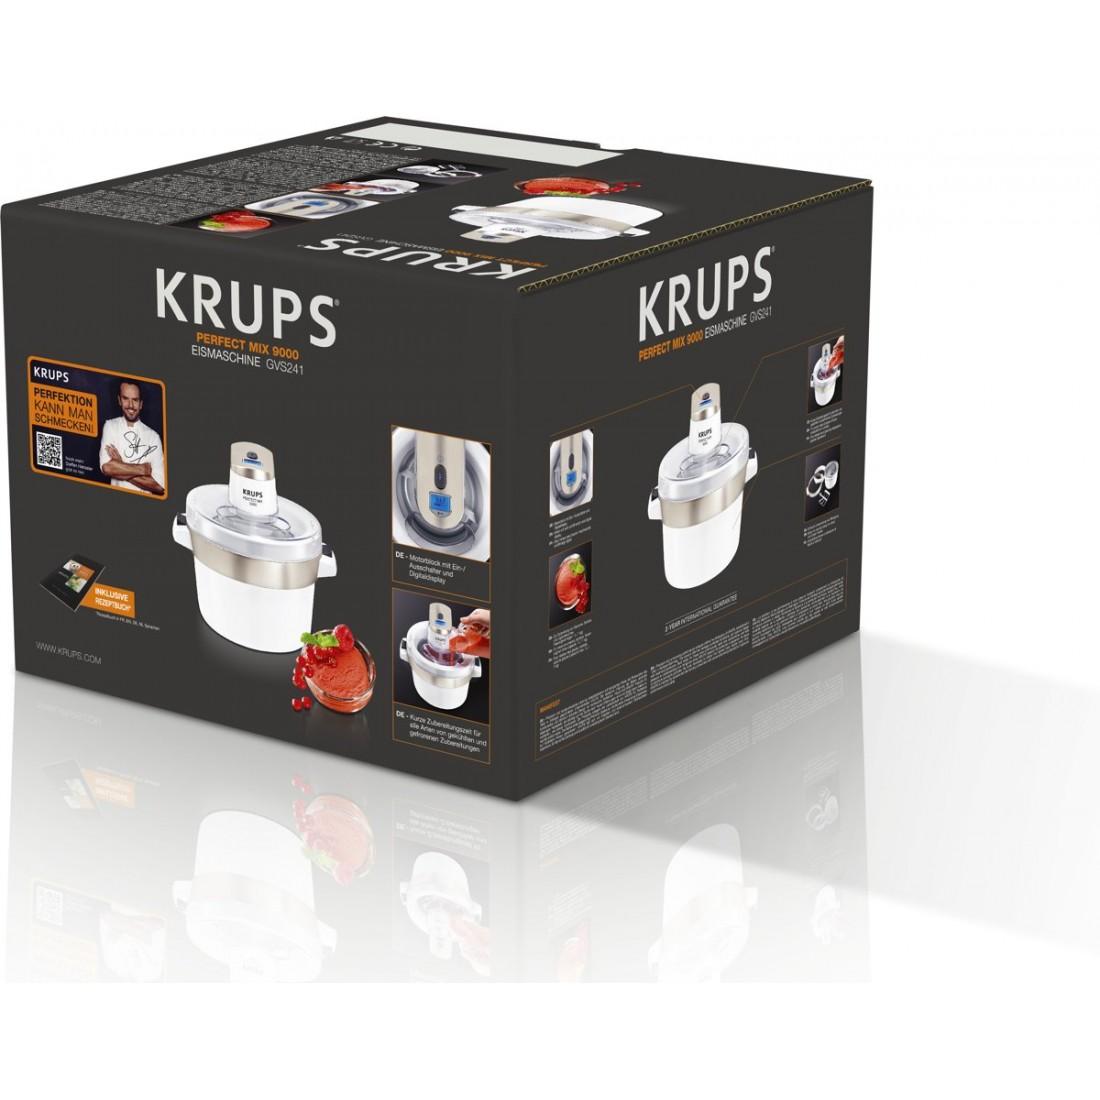 Máy làm kem Krups GVS241 Perfect Mix 9000-Thế giới đồ gia dụng